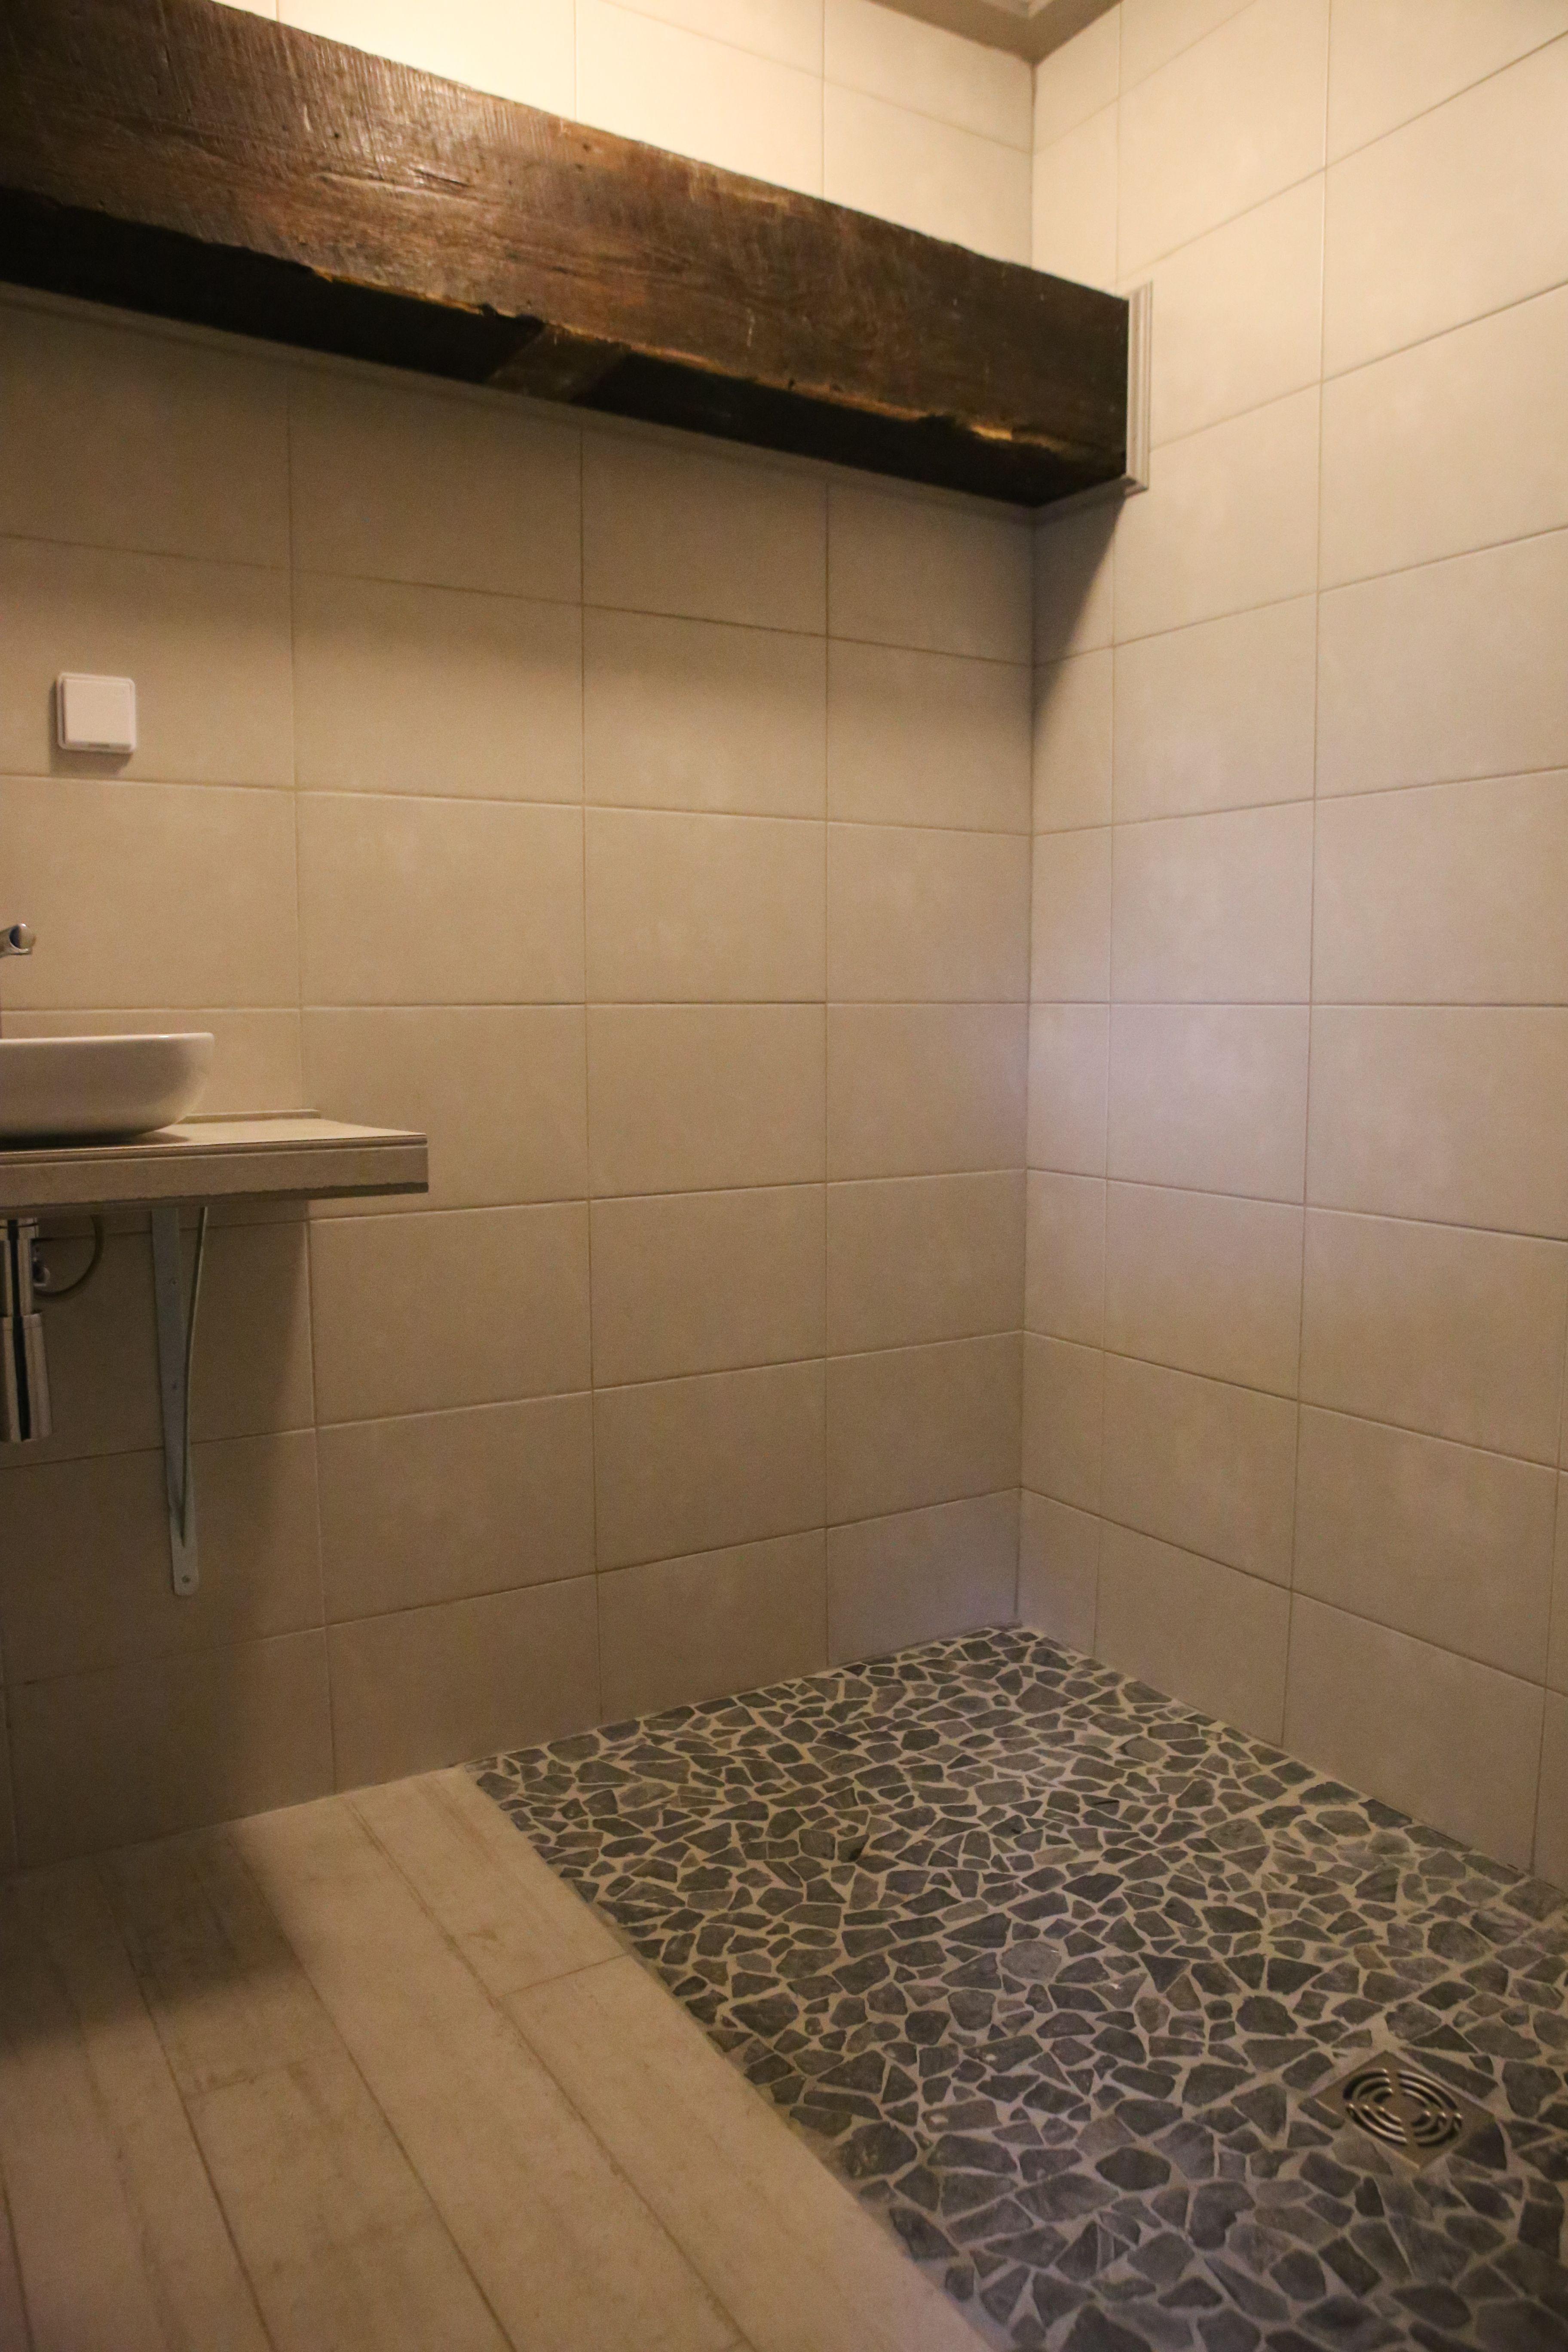 Badkamer met kiezelstenen vloeren houtnerftegels | Foto\'s van ...